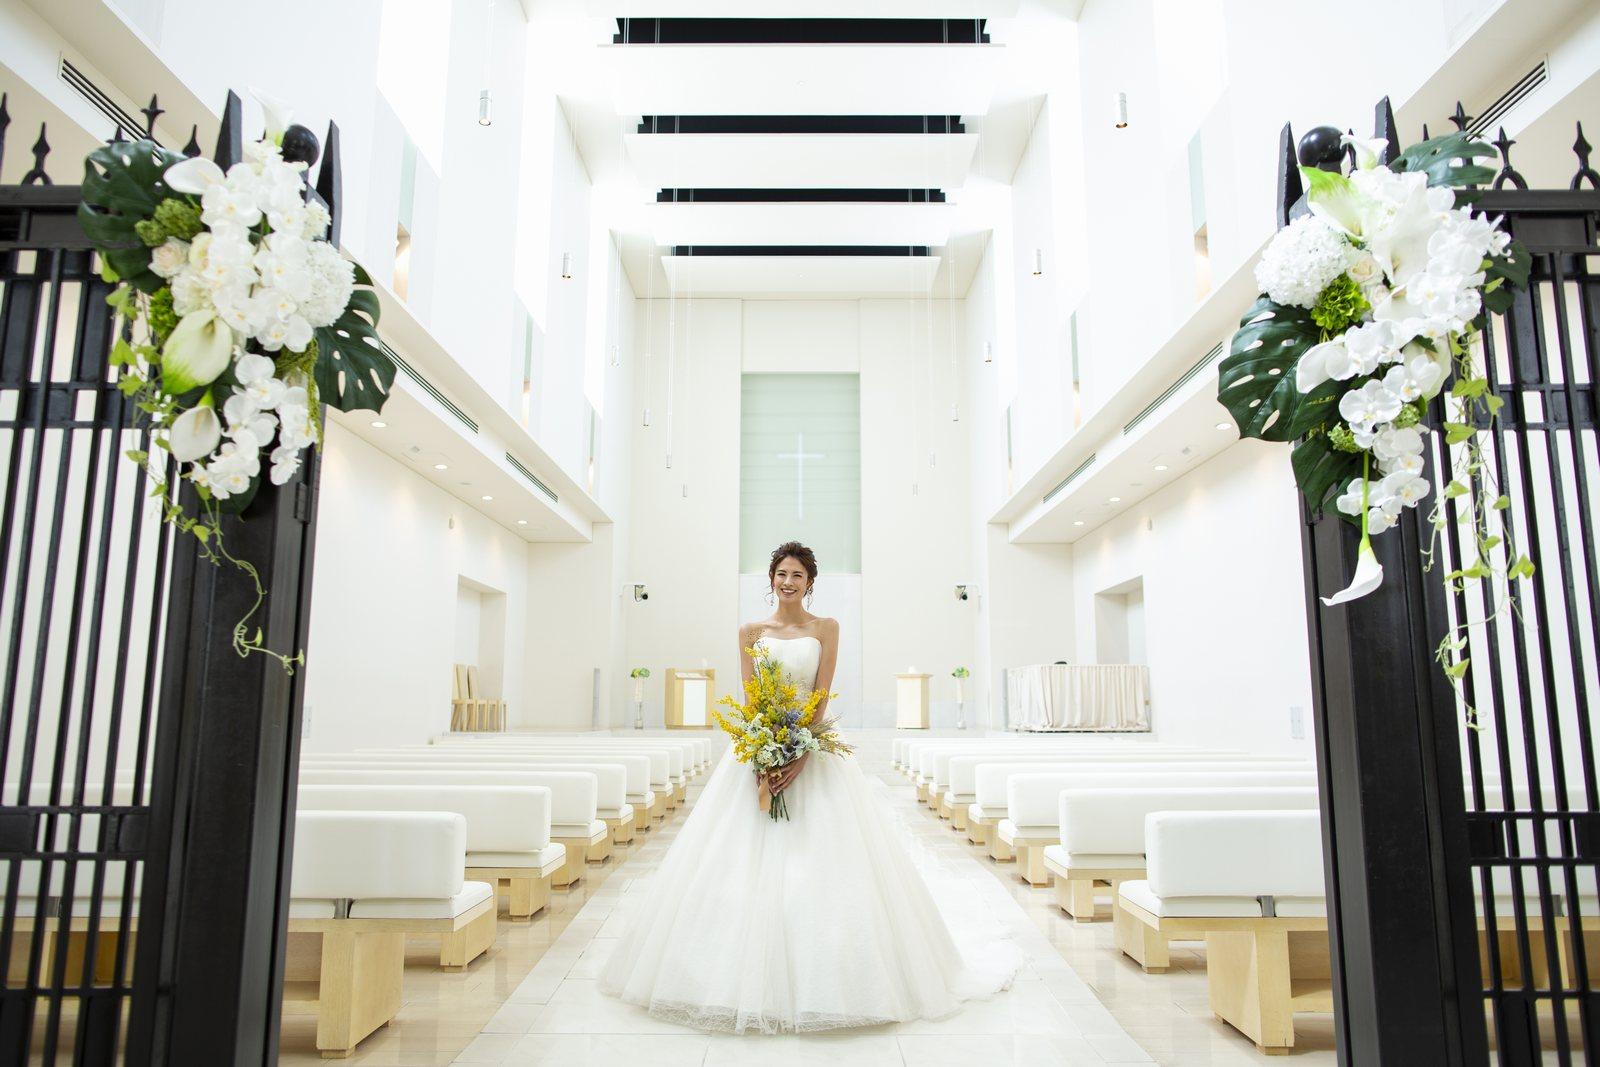 徳島県の結婚式場ブランアンジュの感動挙式